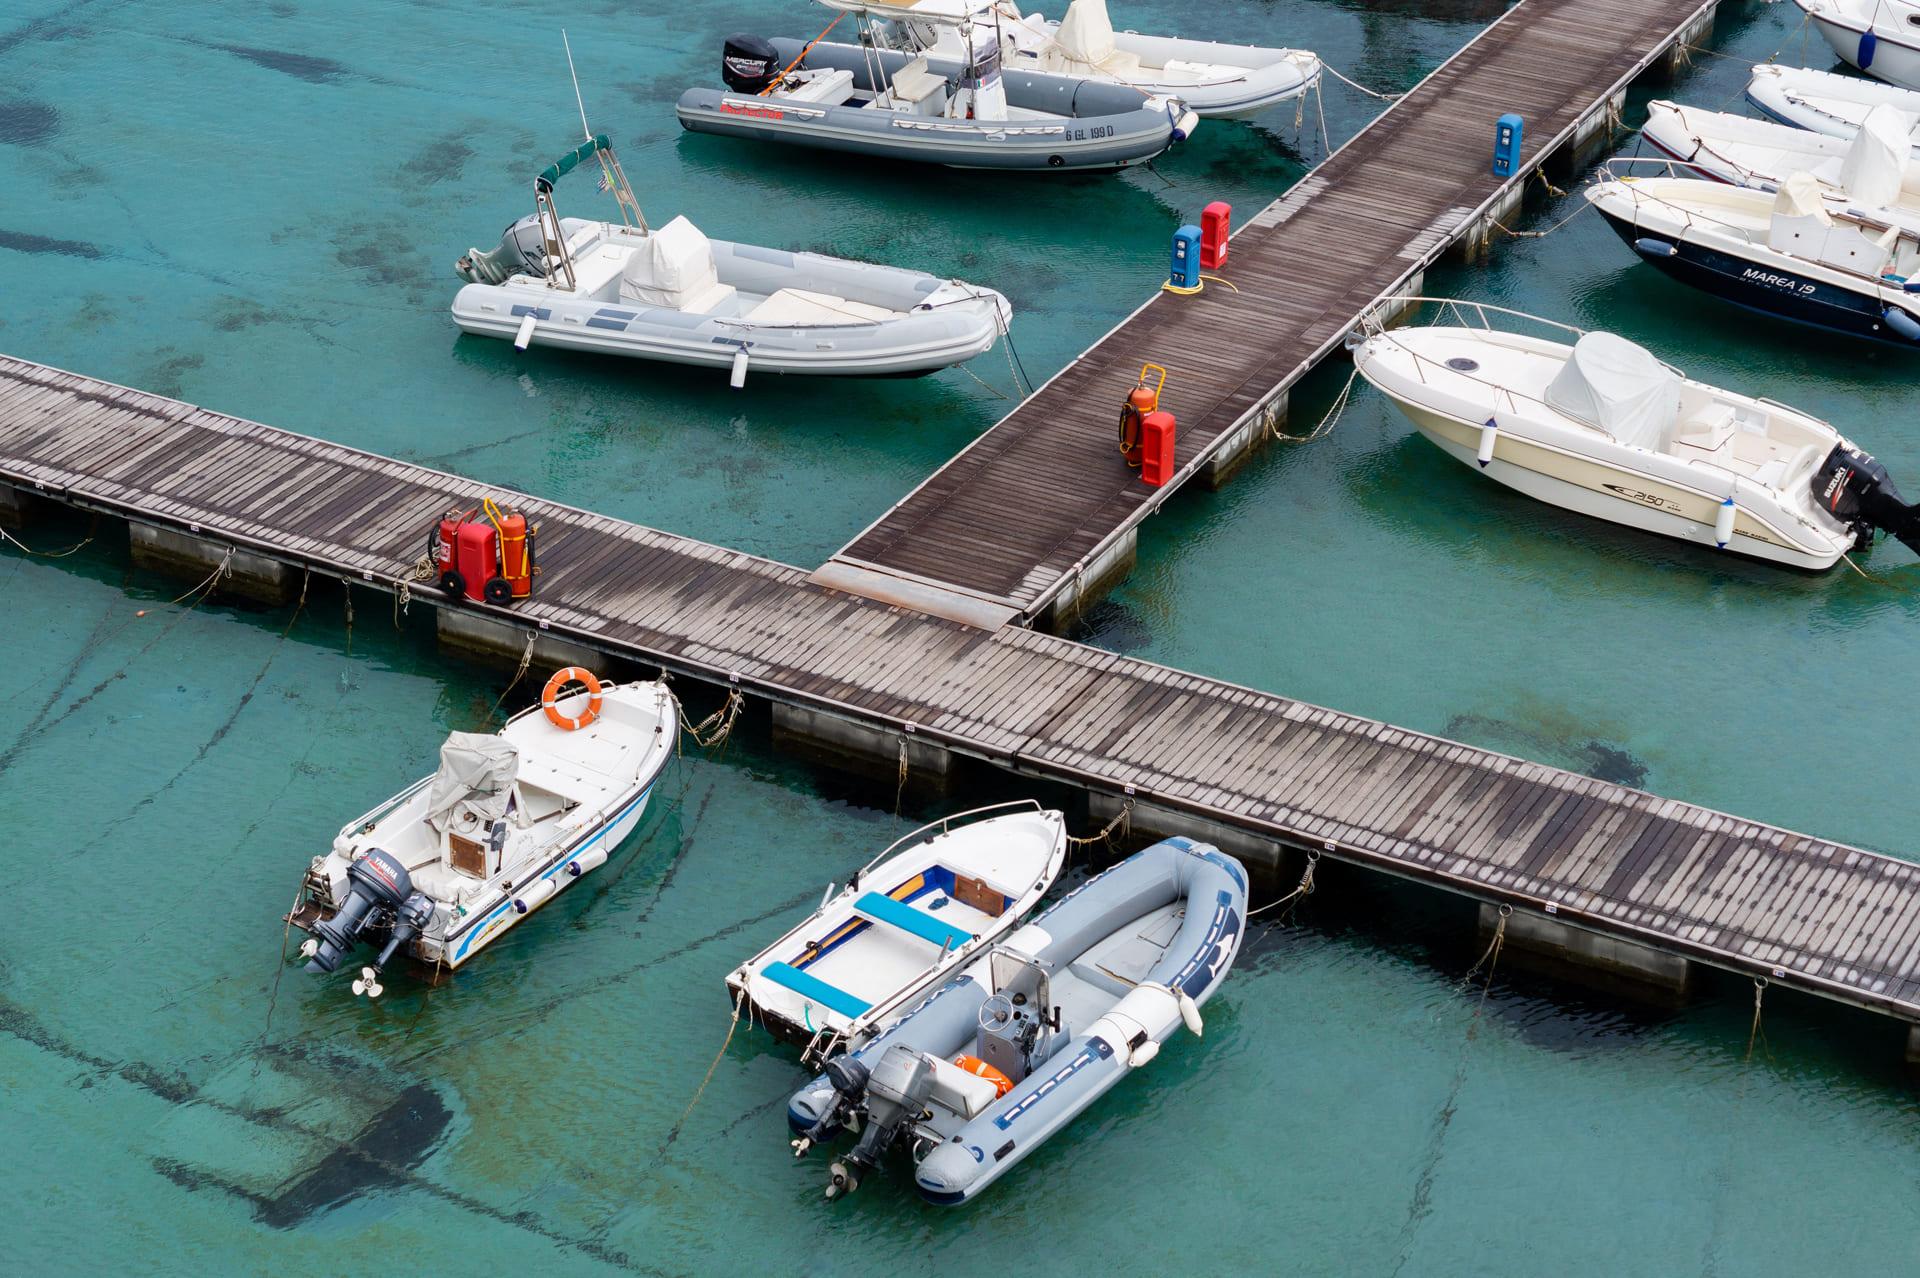 Barcos atracados en un puerto - Posidonia